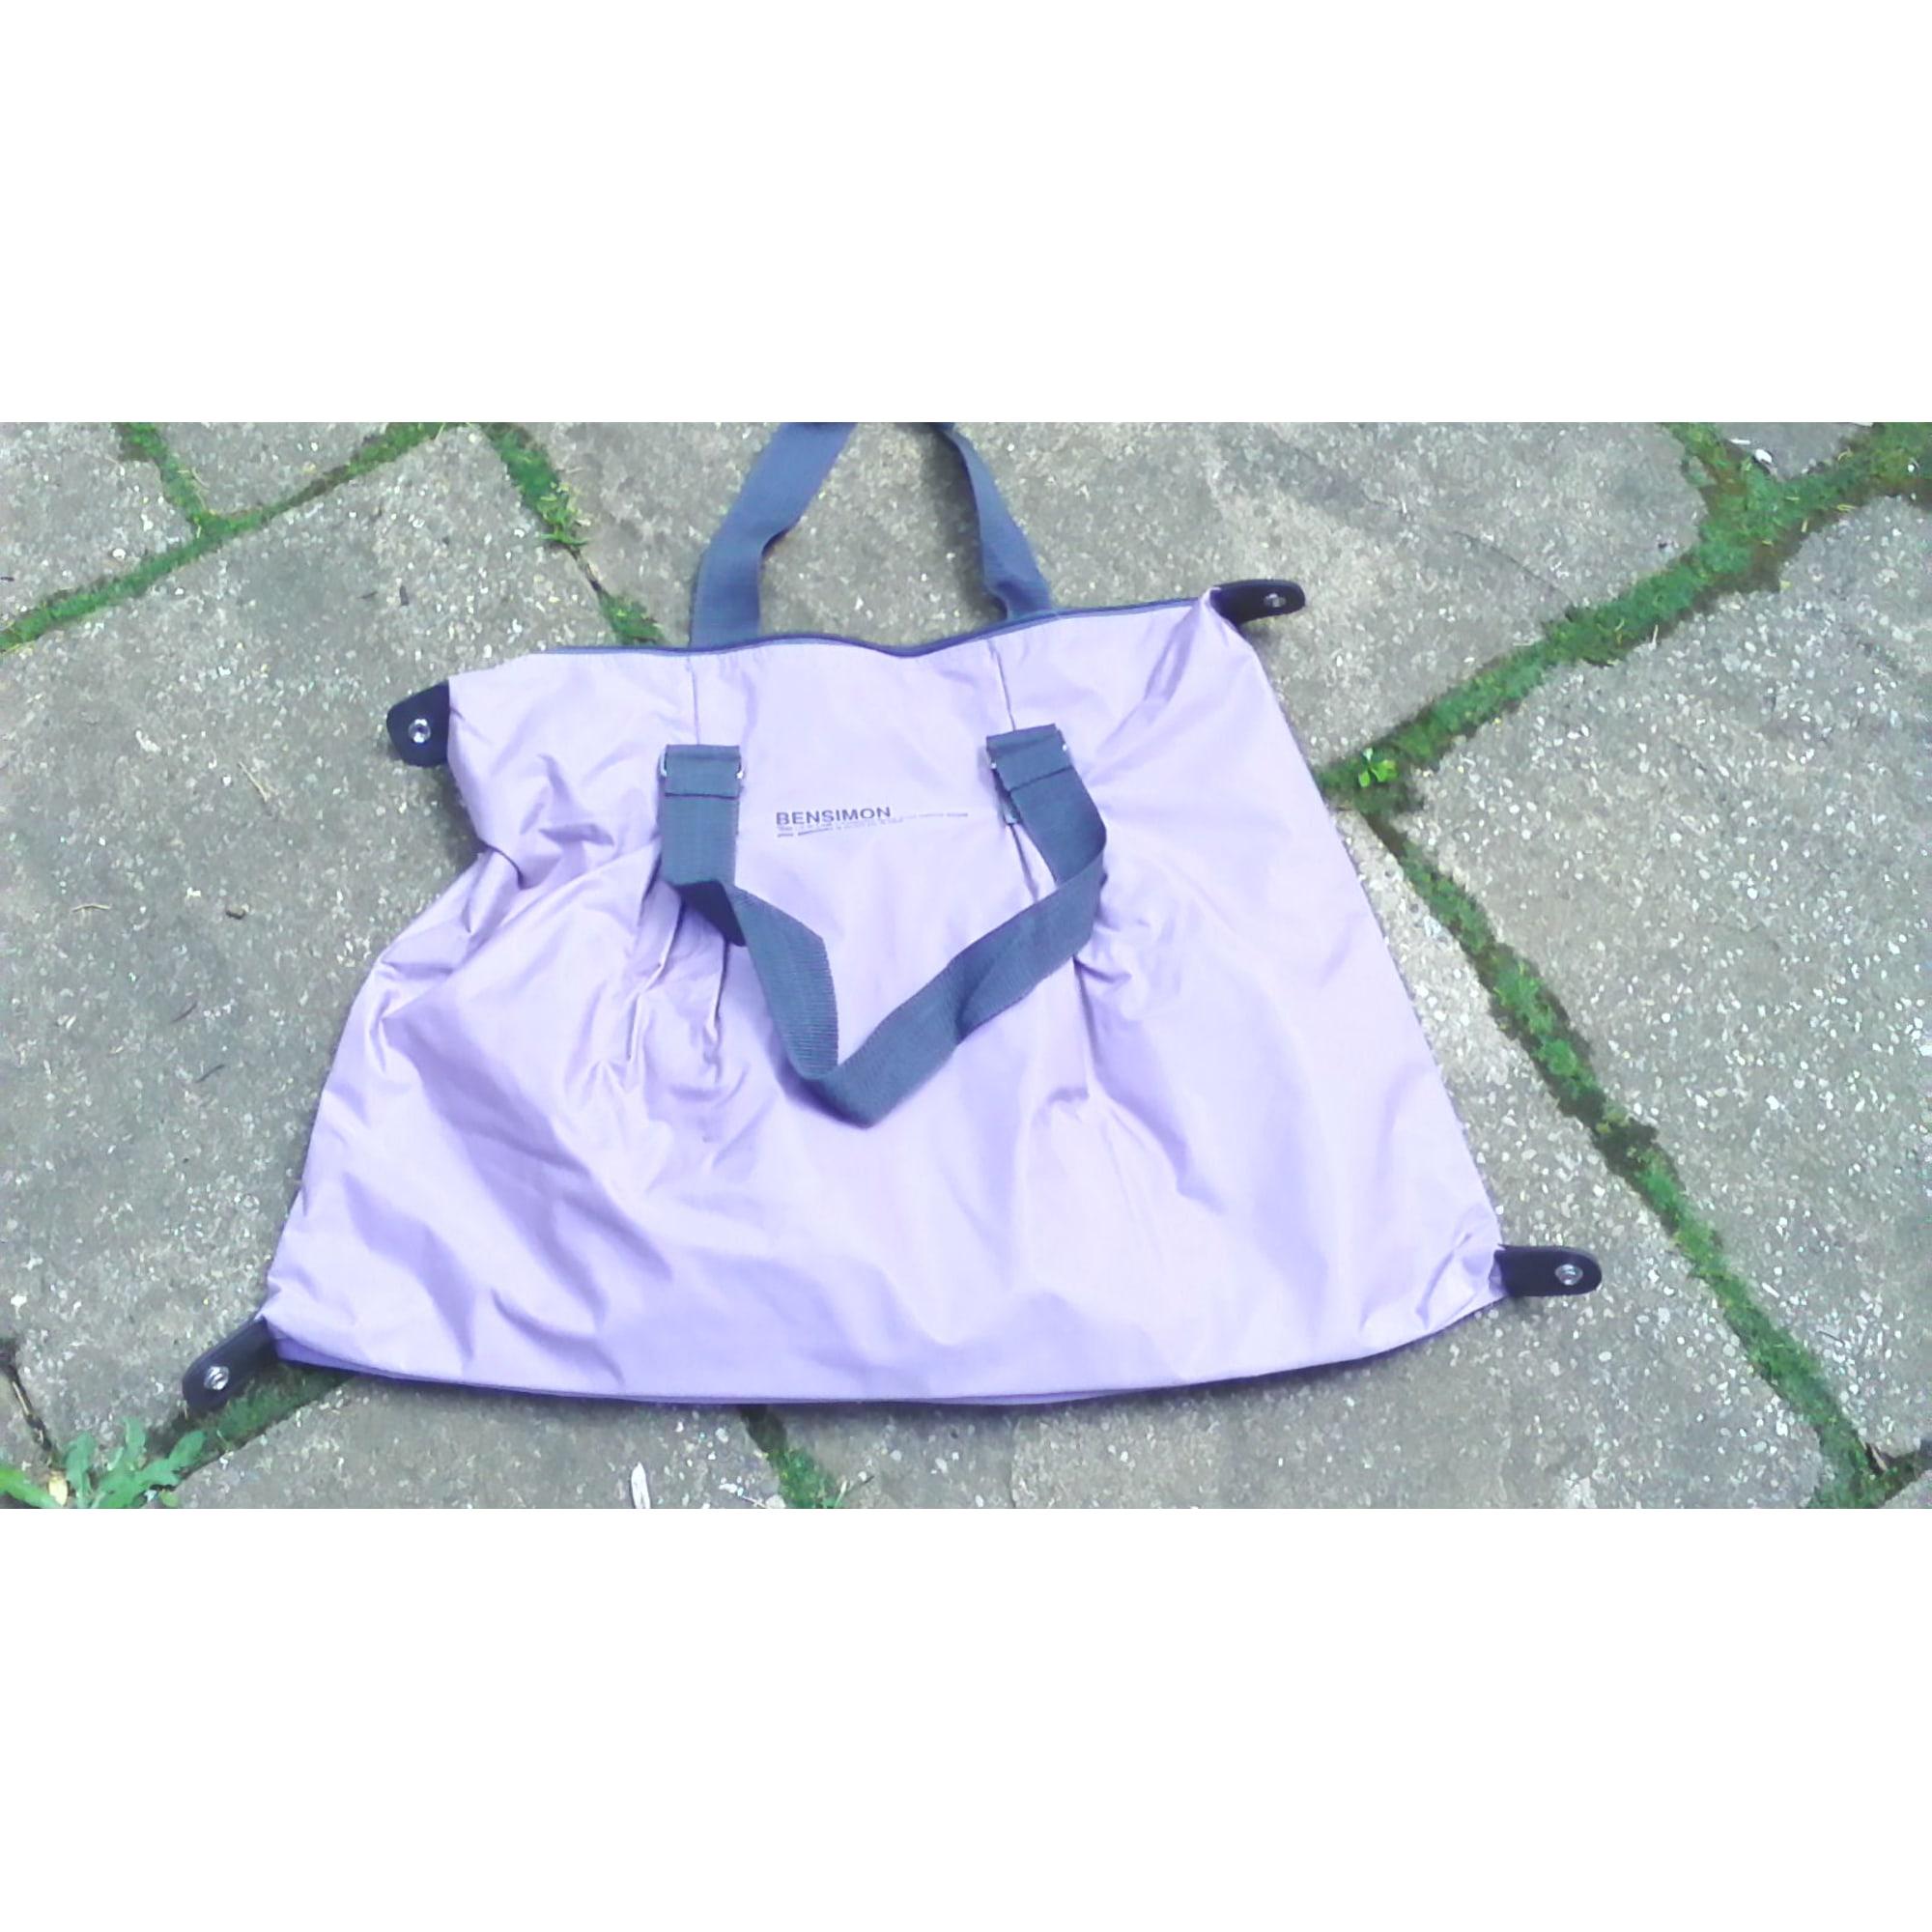 Sac XL en tissu BENSIMON Violet, mauve, lavande